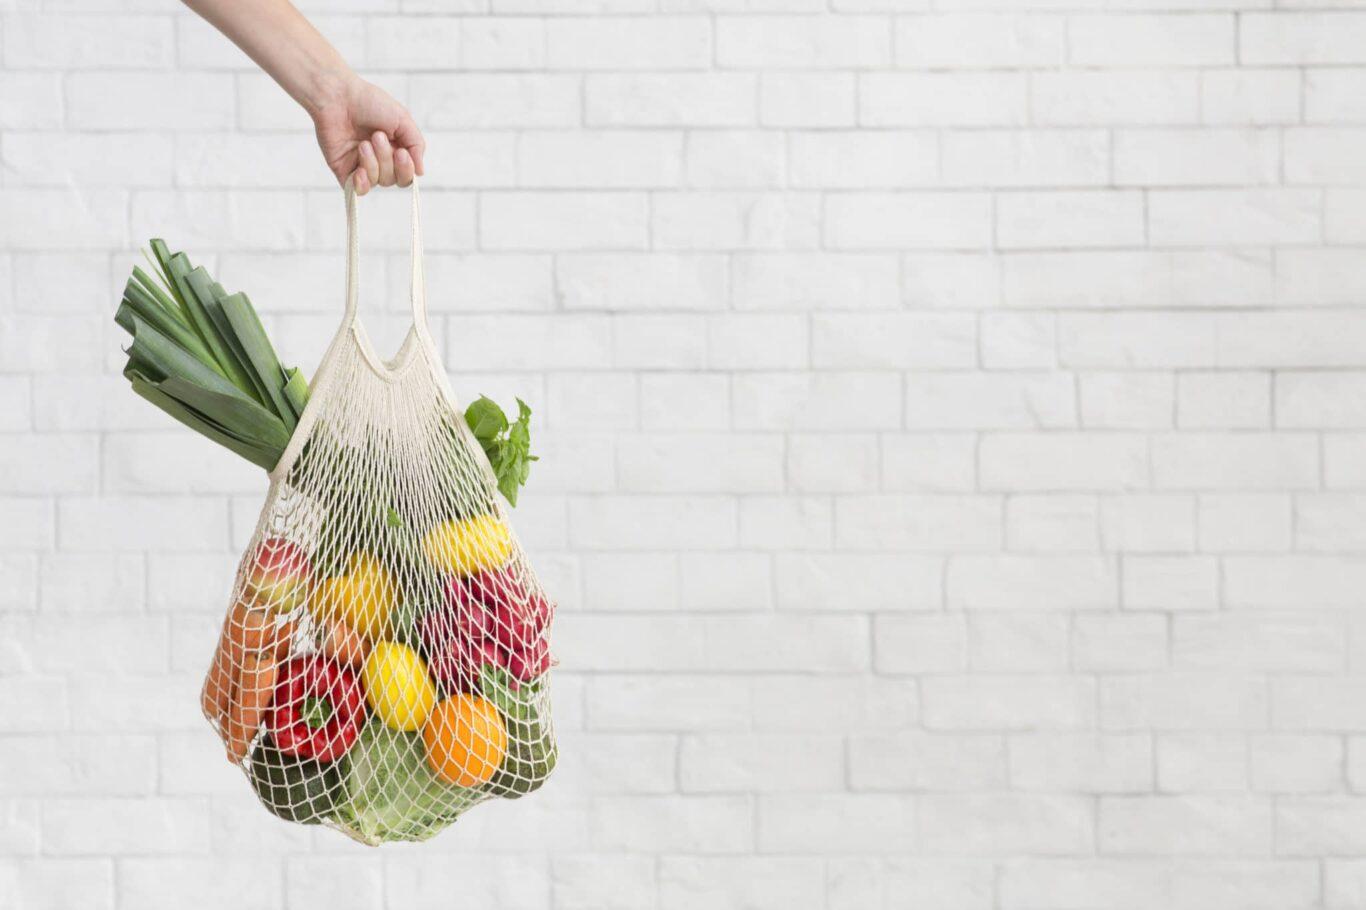 Plastikmüll und seine Vermeidung